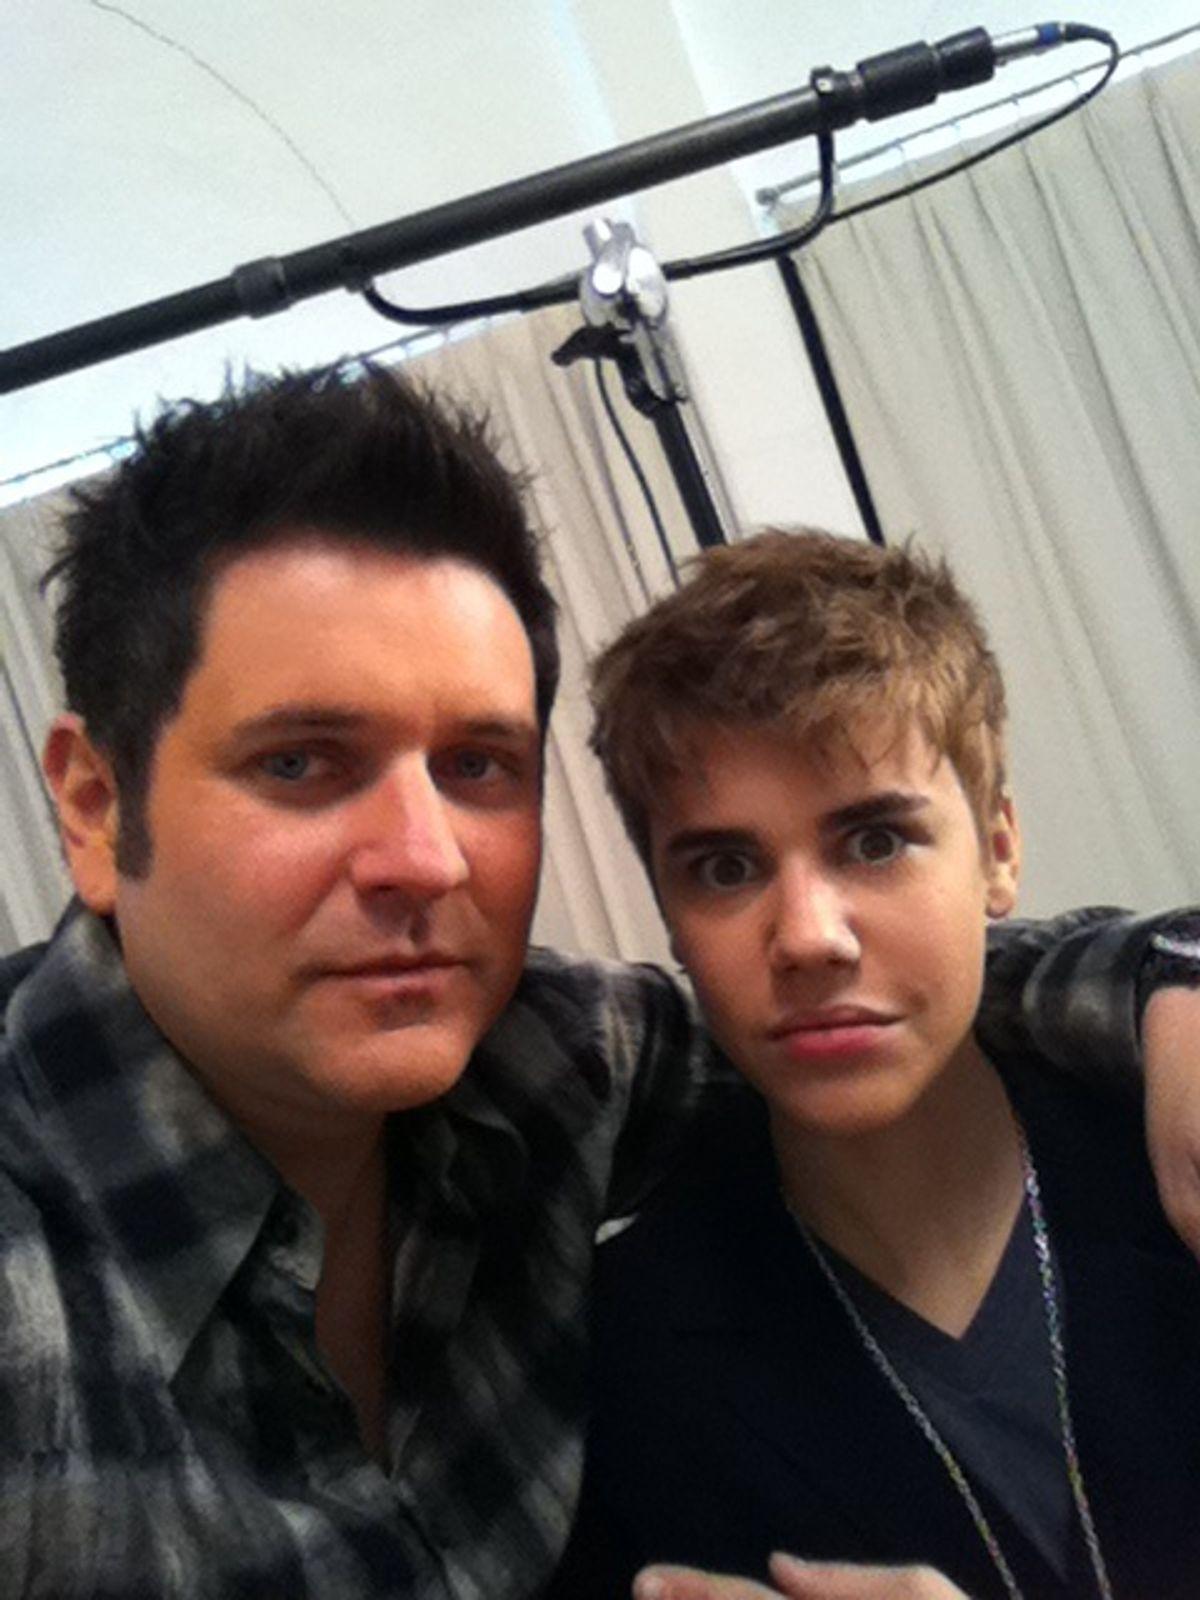 Bieber, shorn.